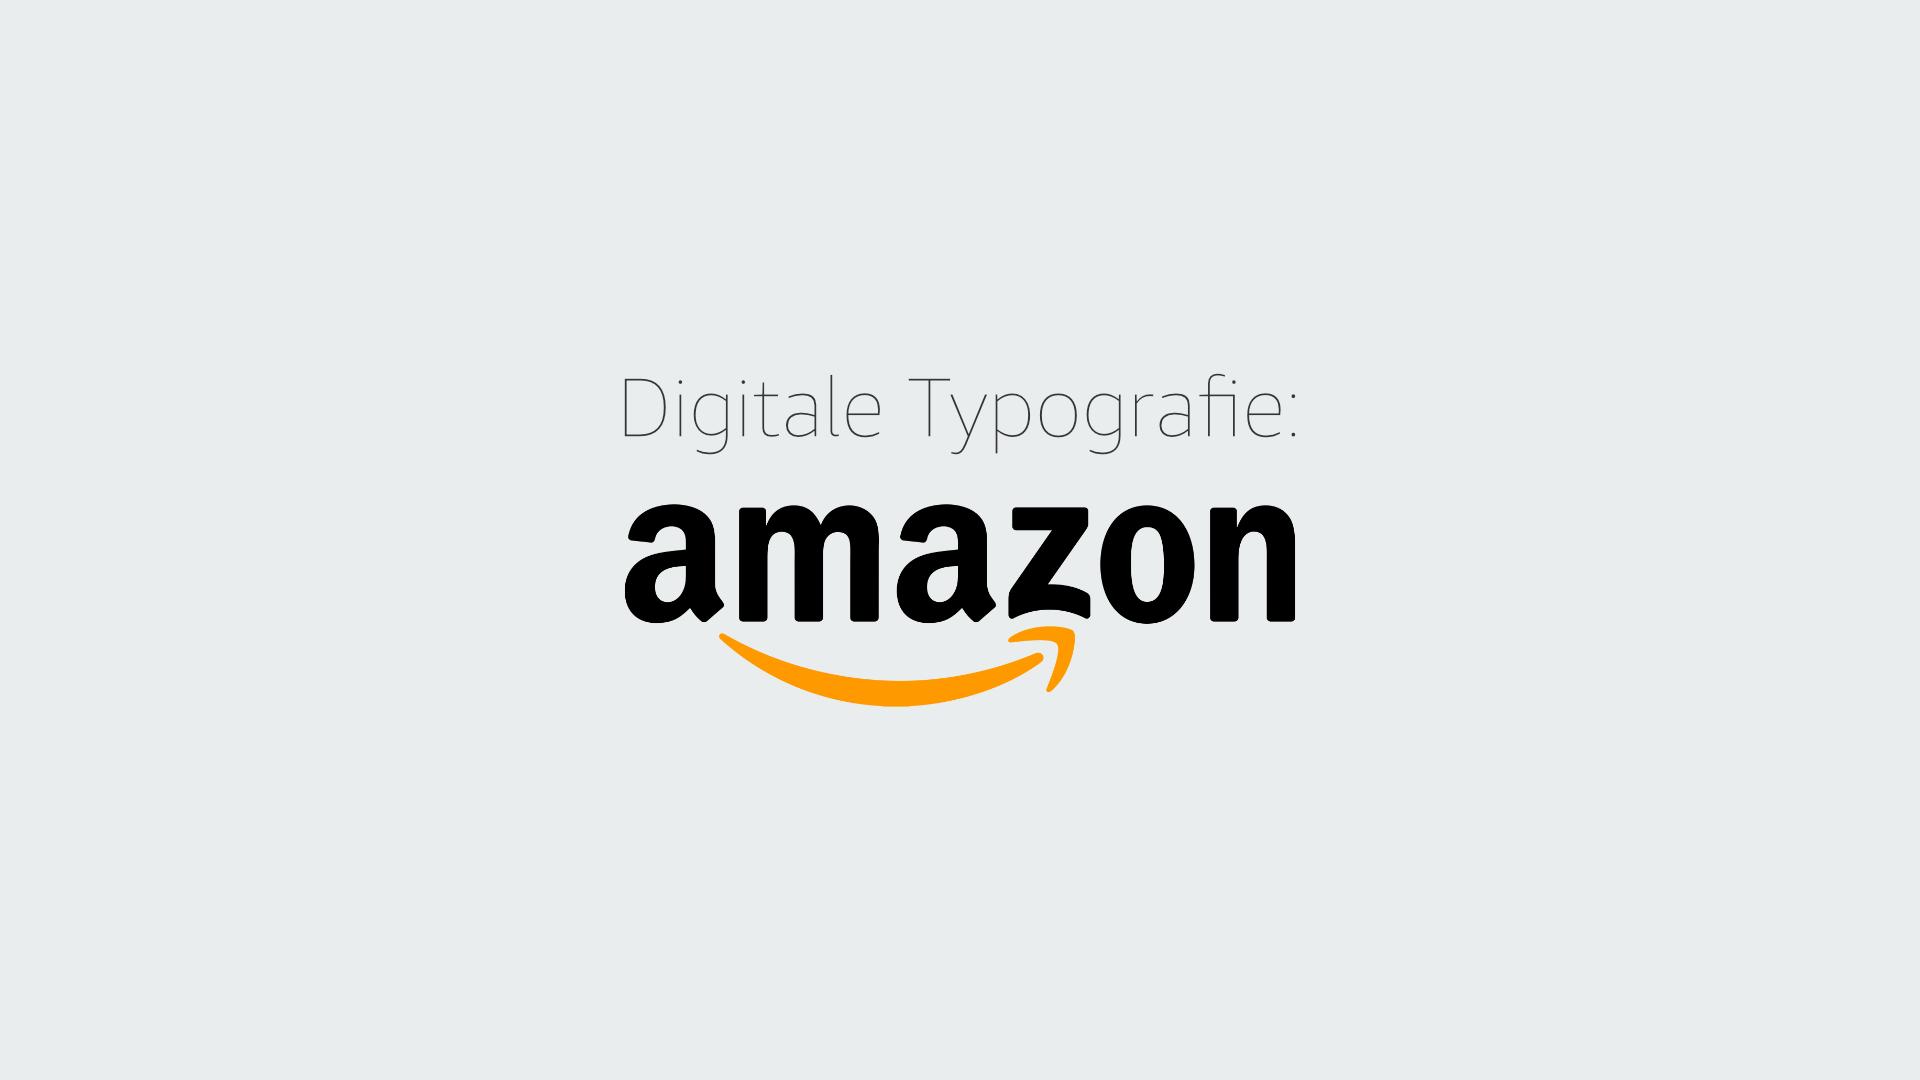 Digitale Typografie: Amazon